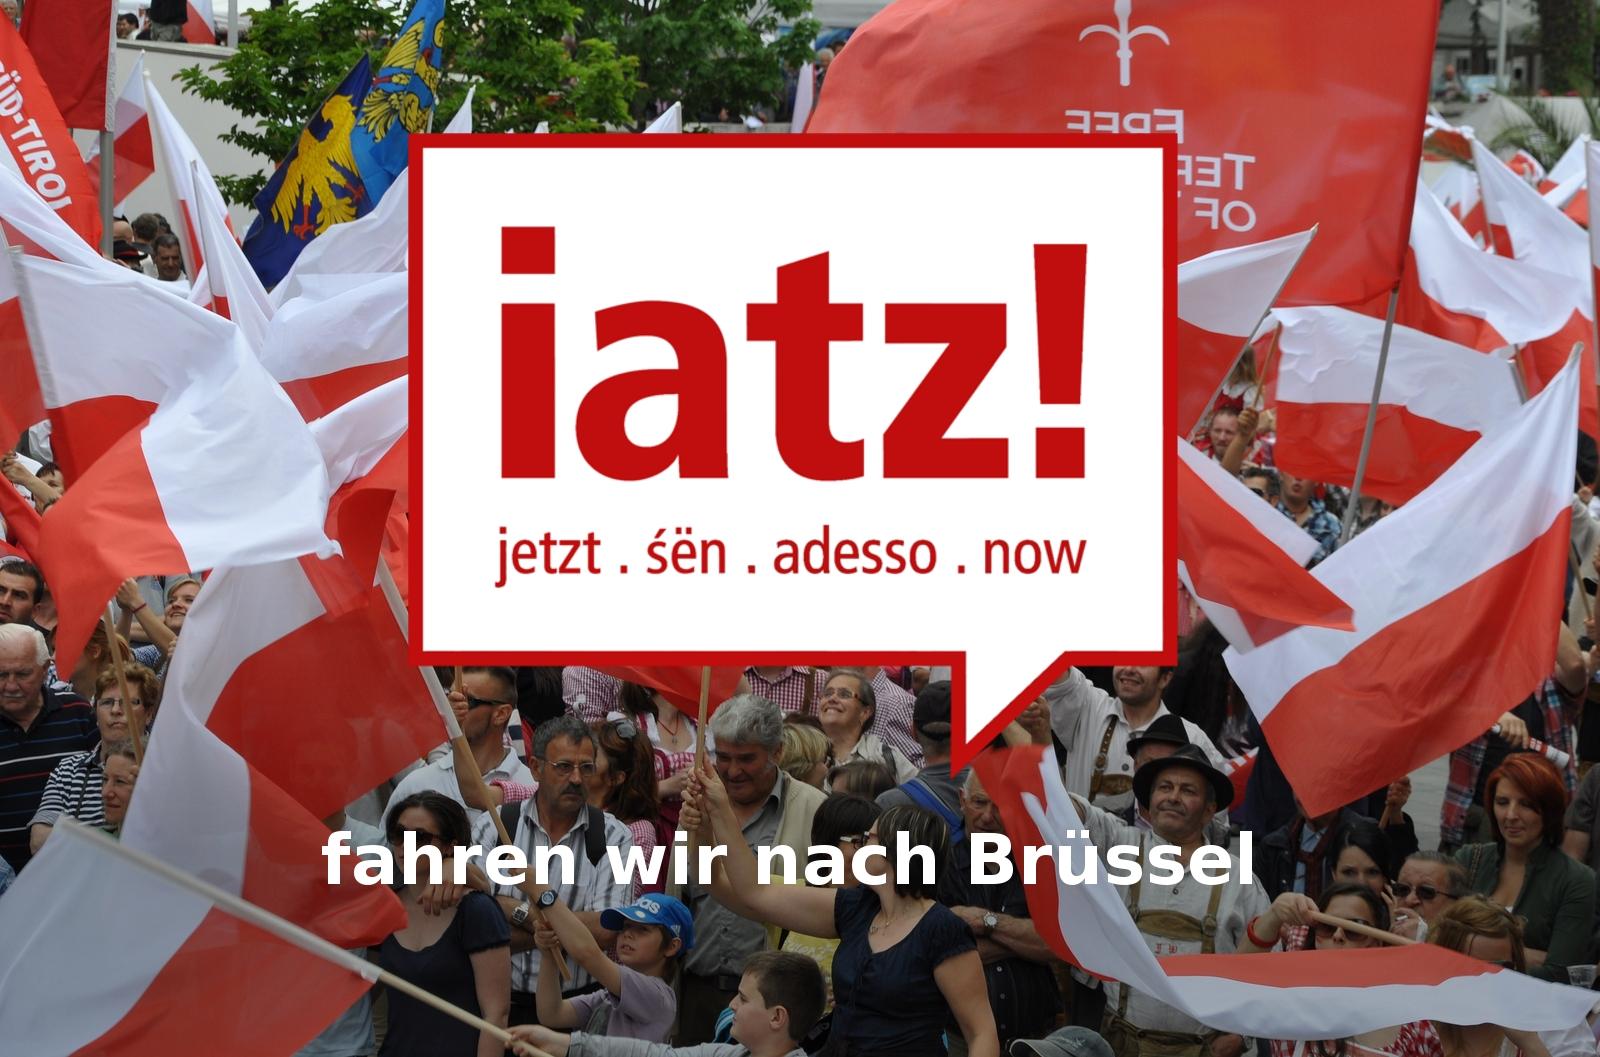 Fahrt zur großen Selbstbestimmungs-Kundgebung in Brüssel